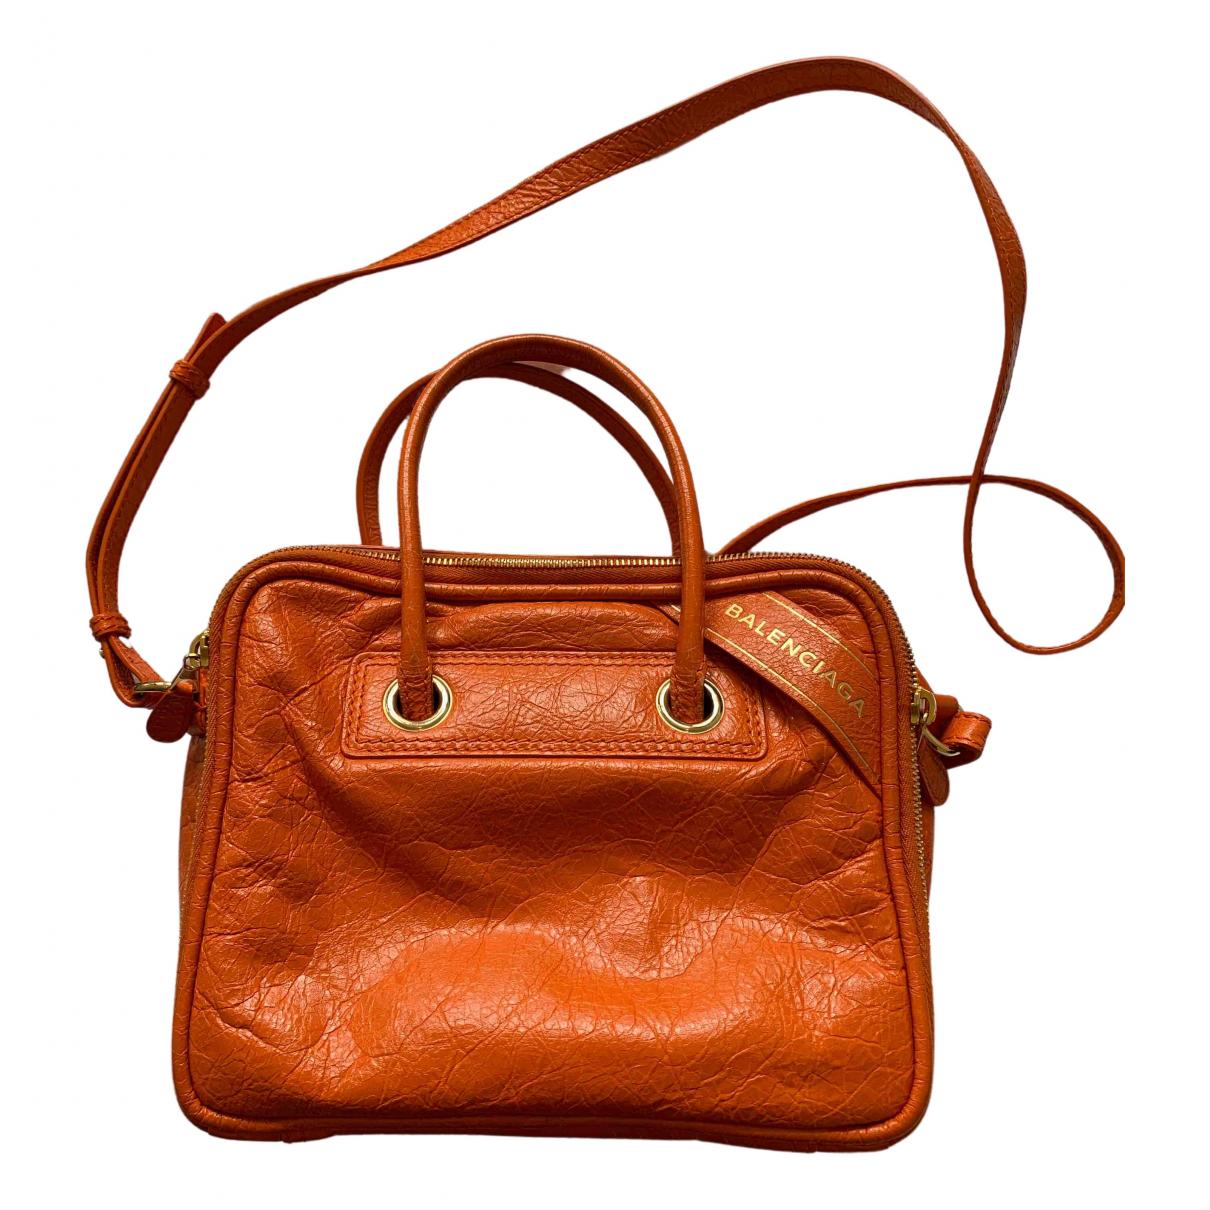 Balenciaga - Sac a main Blanket pour femme en cuir - orange